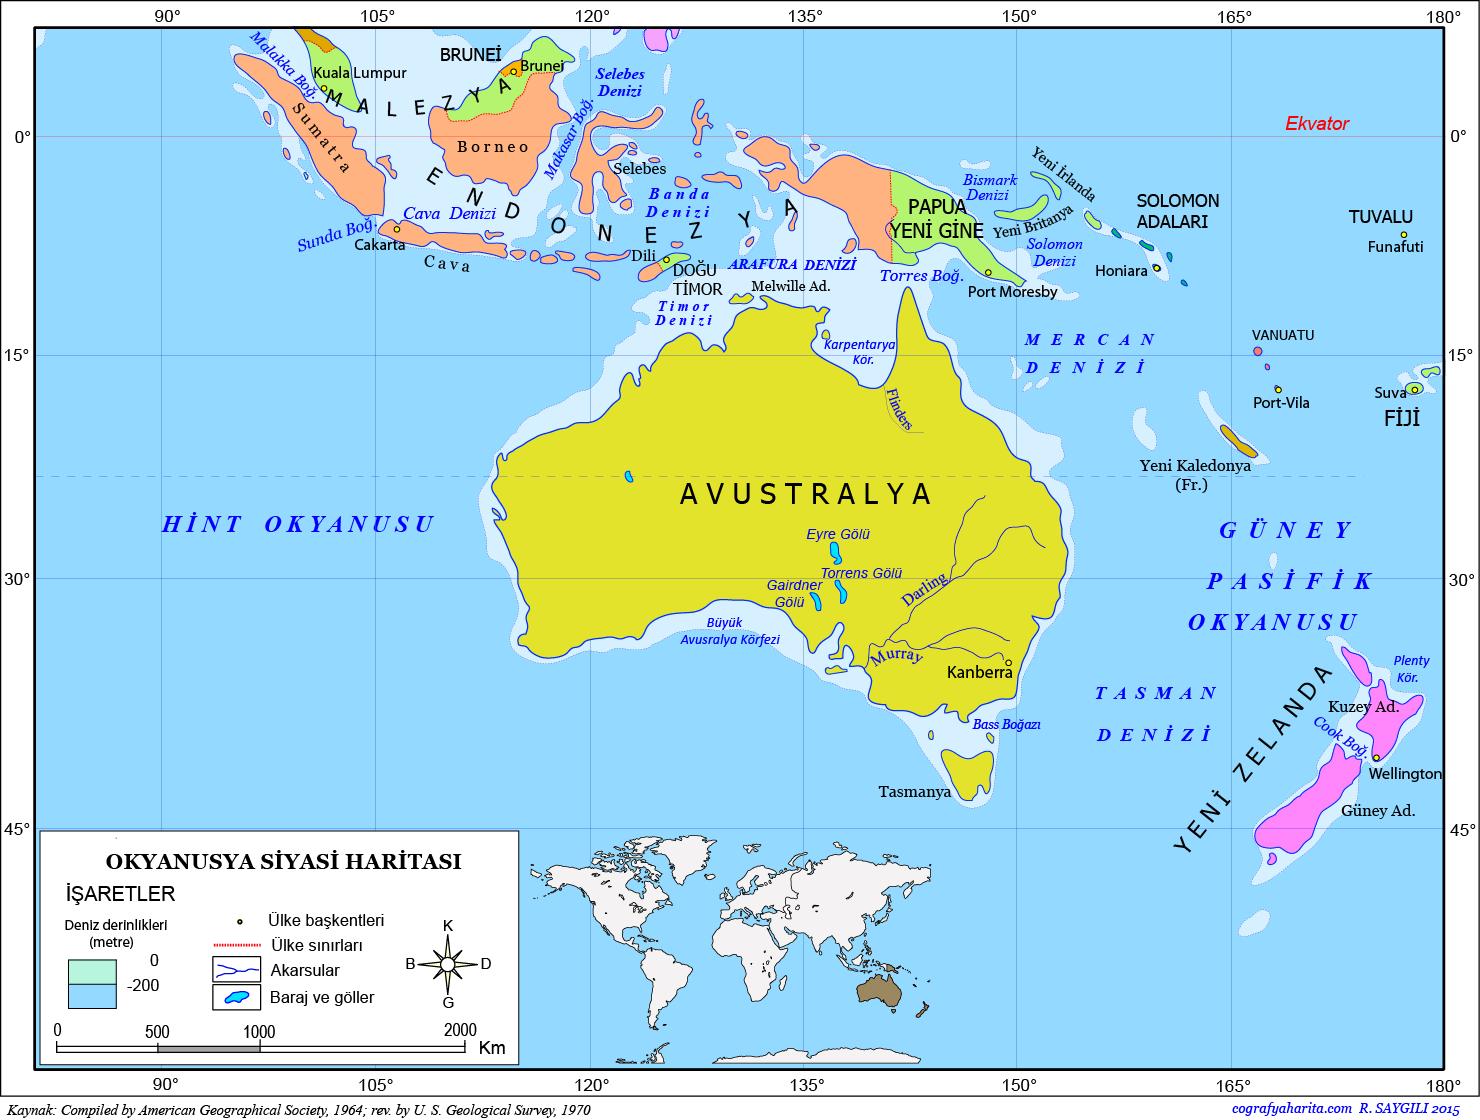 Okyanusya Haritası 2